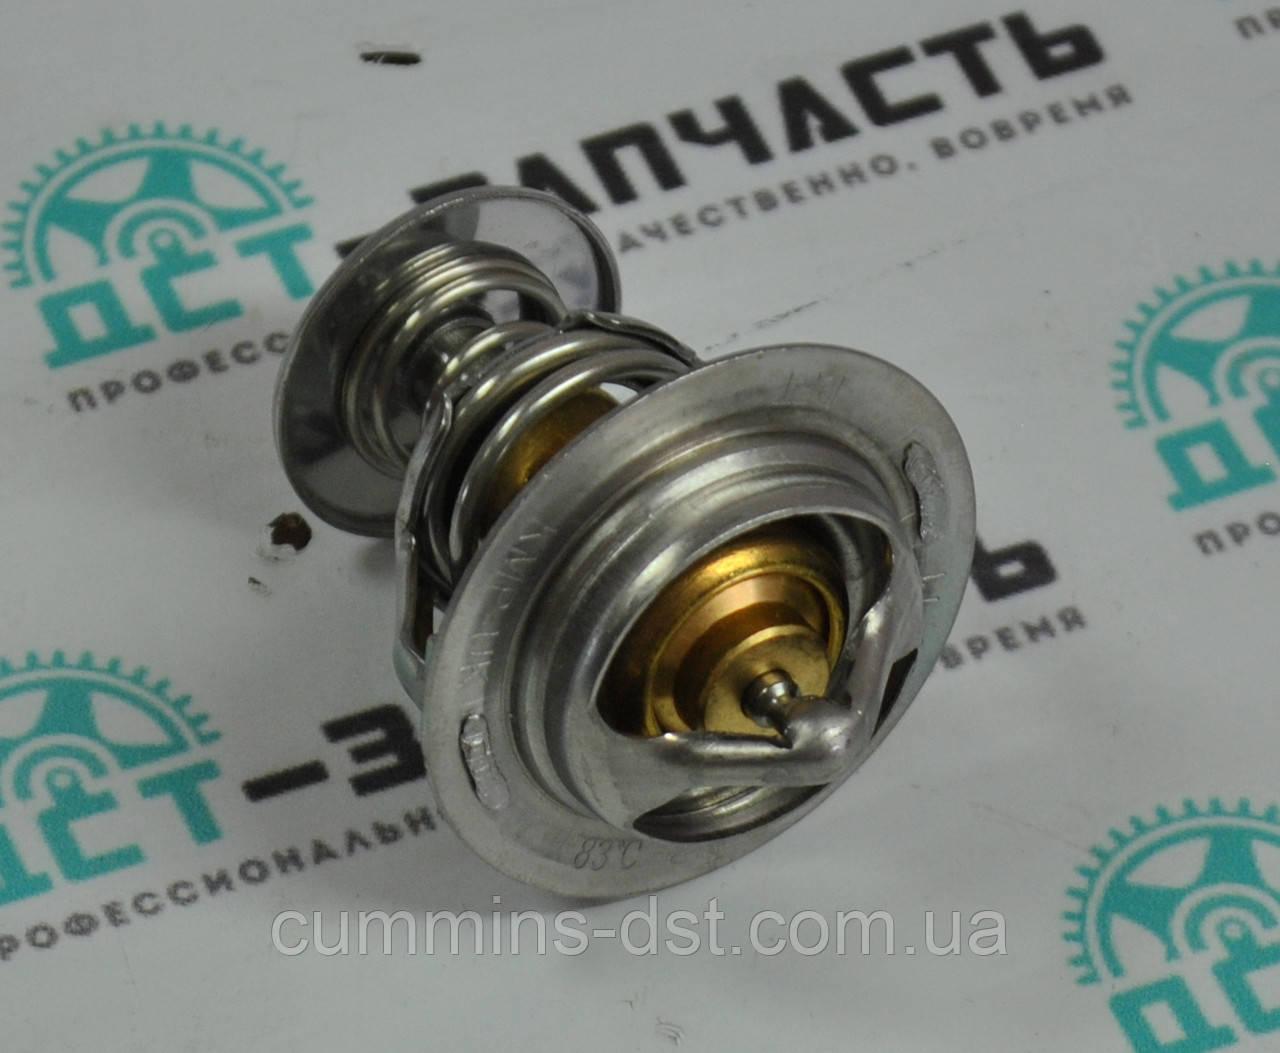 3928639/3901845/4930594/J907242/47626493 Термостат Cummins QSC8.3/ISC/QSL